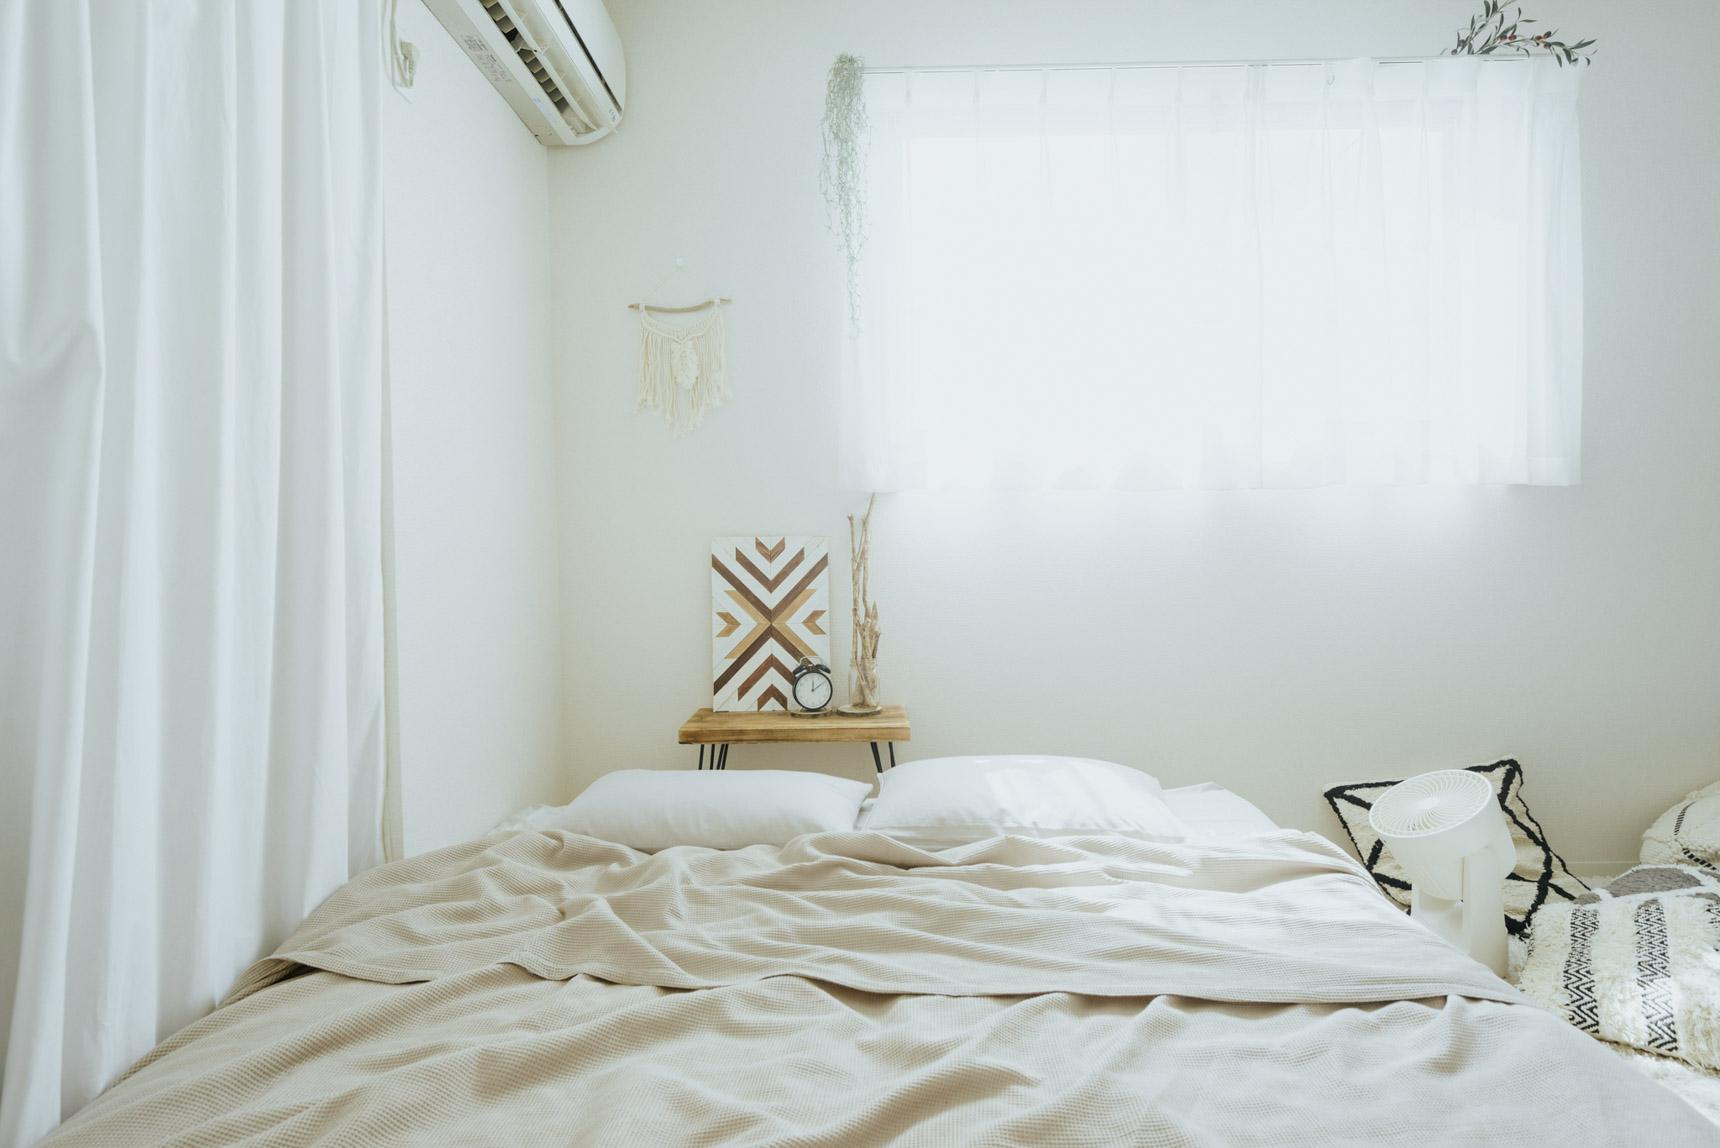 クイーンサイズの大きなベッドは、パレットに直接マットレスを置いて高さを抑え、部屋が広く見えるように。ソファがわりにも使っています